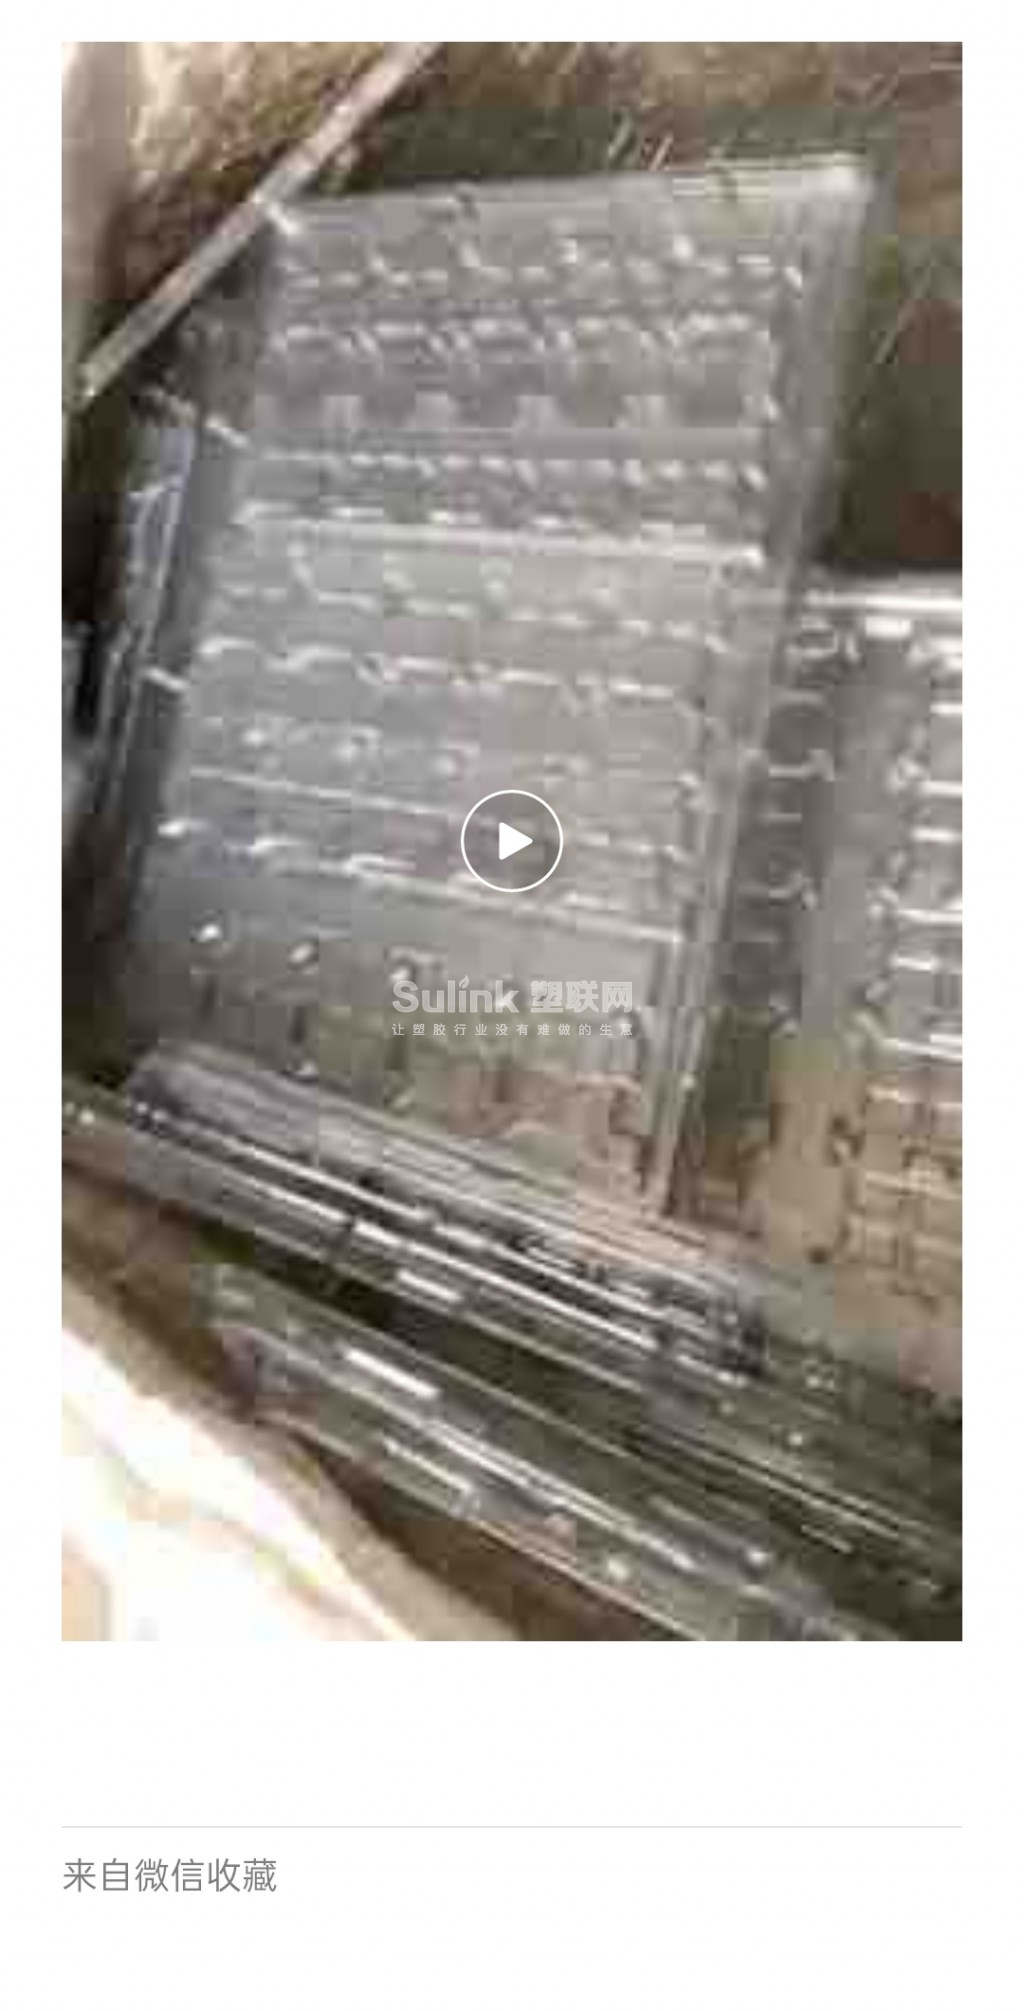 长期求购pVC边角、吸塑盒毛料- 塑联网 - 塑料联网信息服务平台